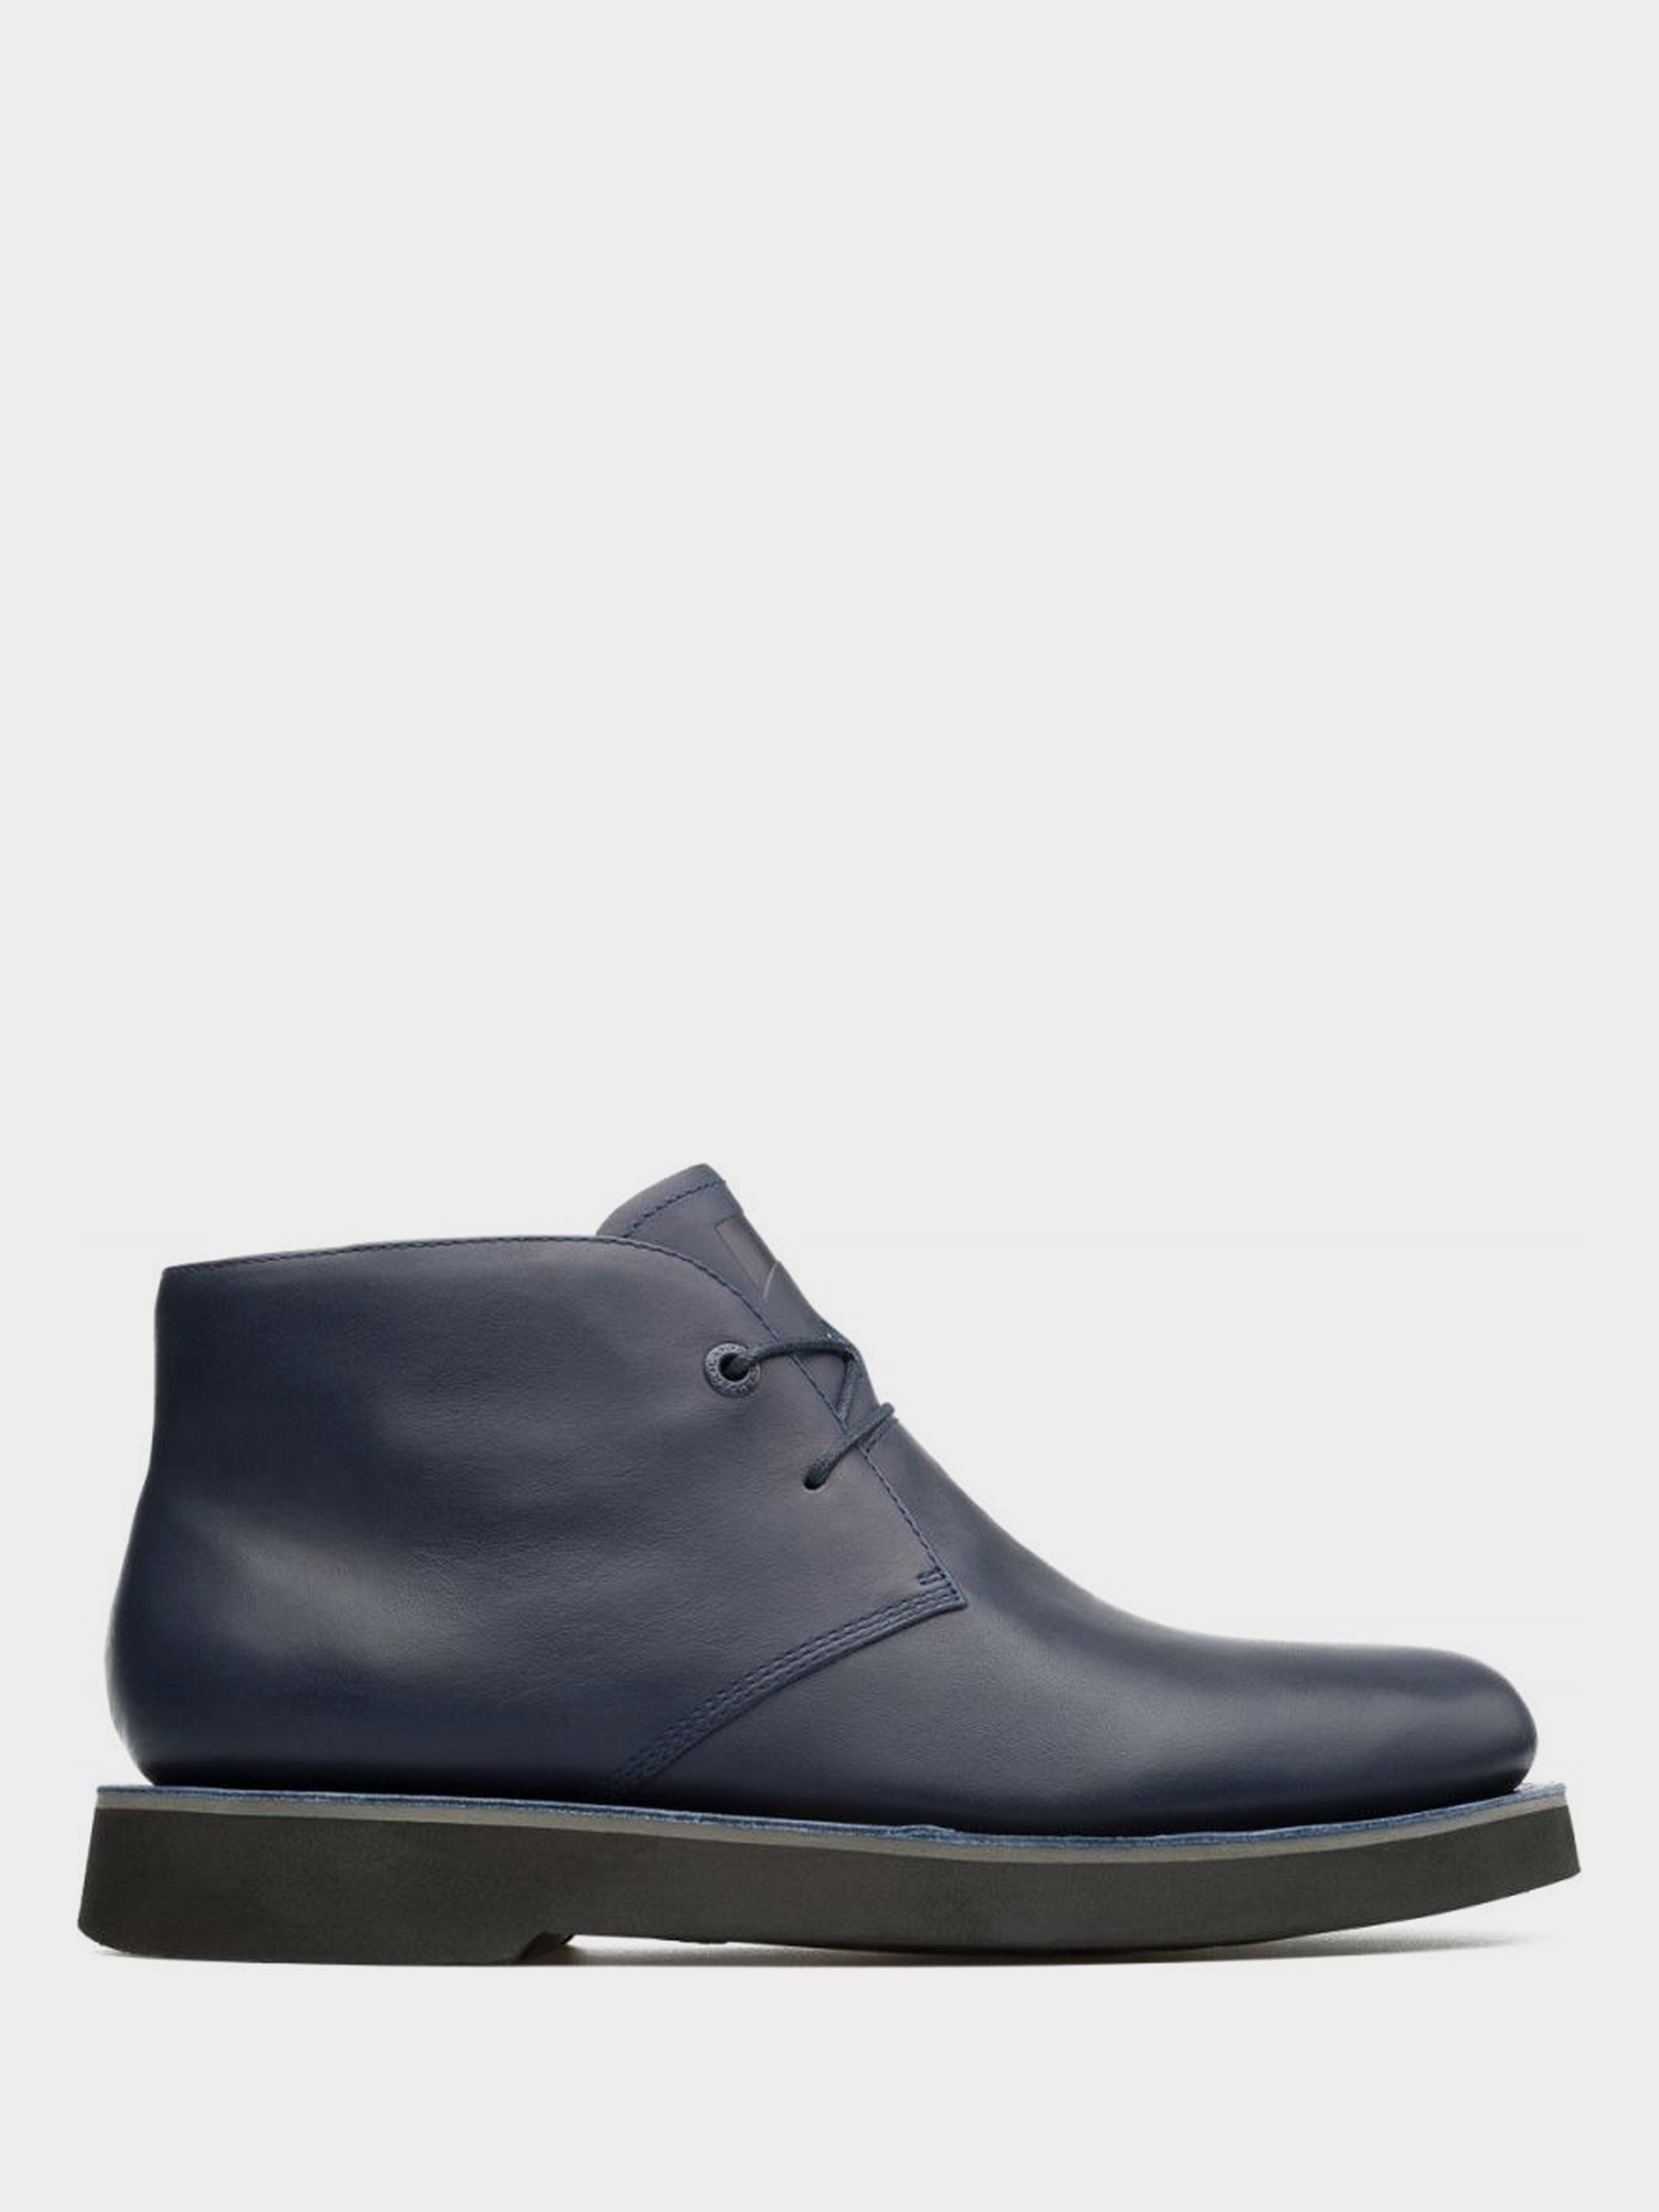 Купить Ботинки мужские Camper Tyre AM696, Синий